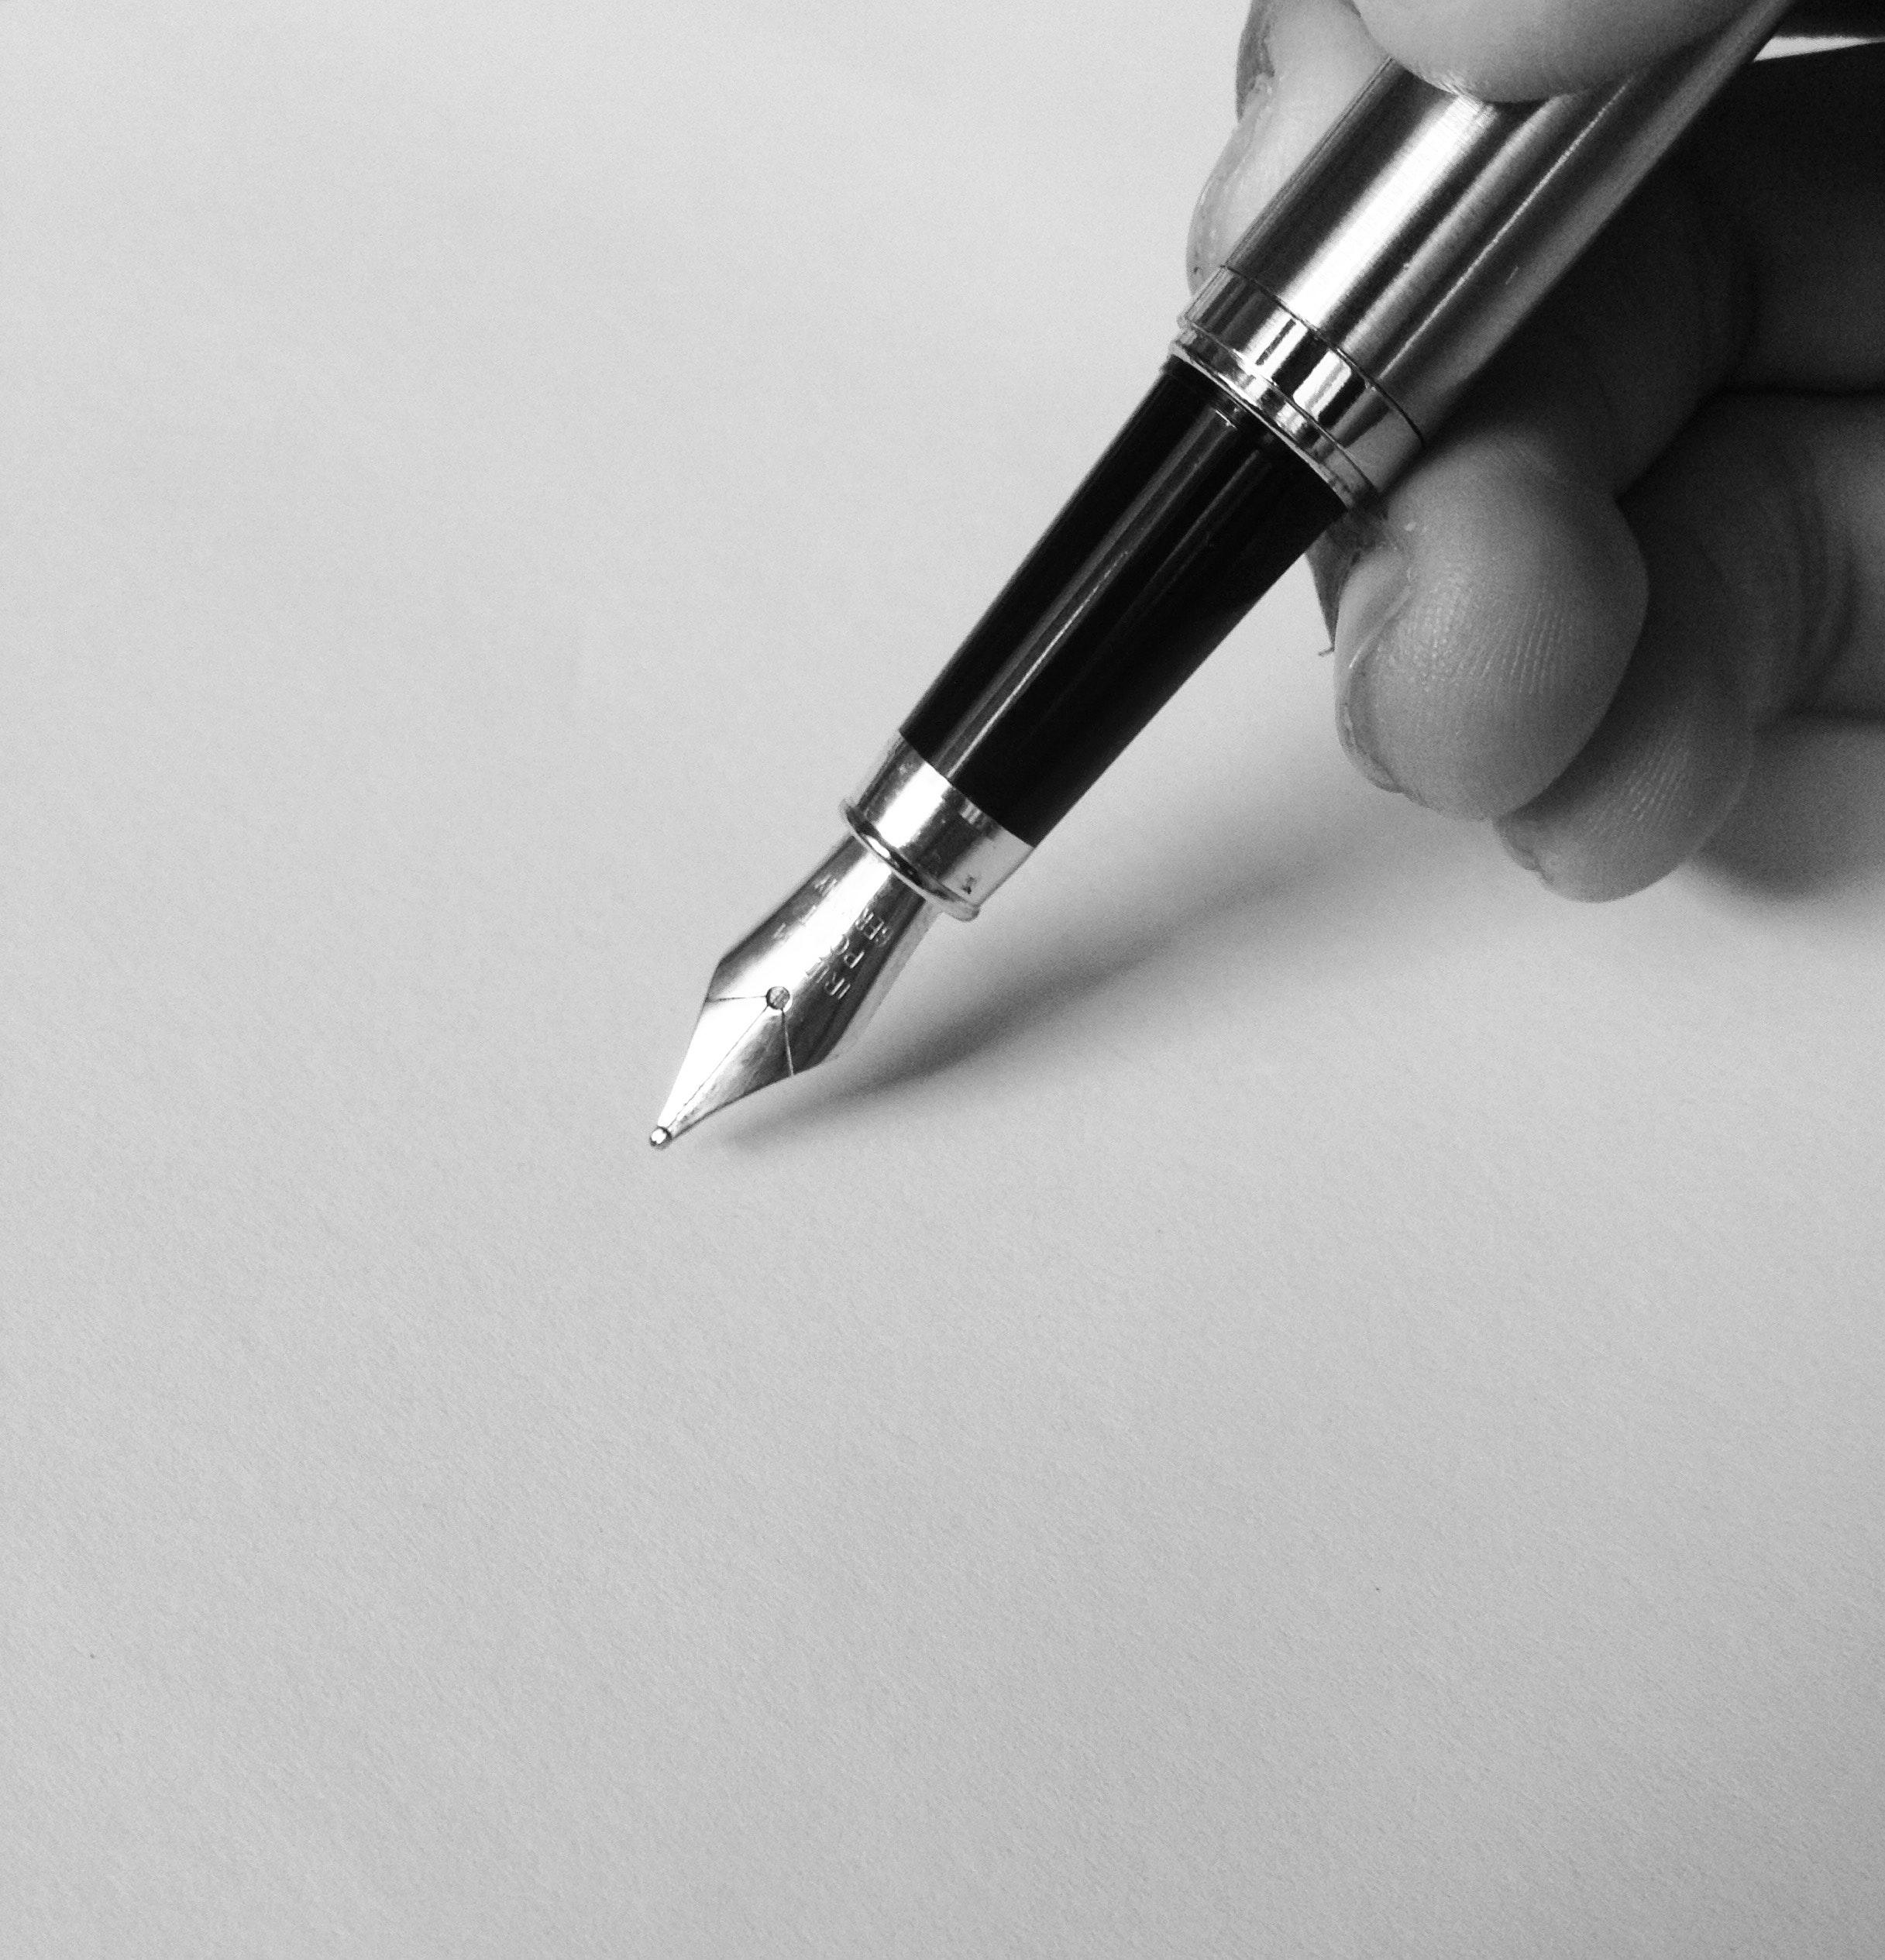 500+ beautiful pen photos · pexels · free stock photos